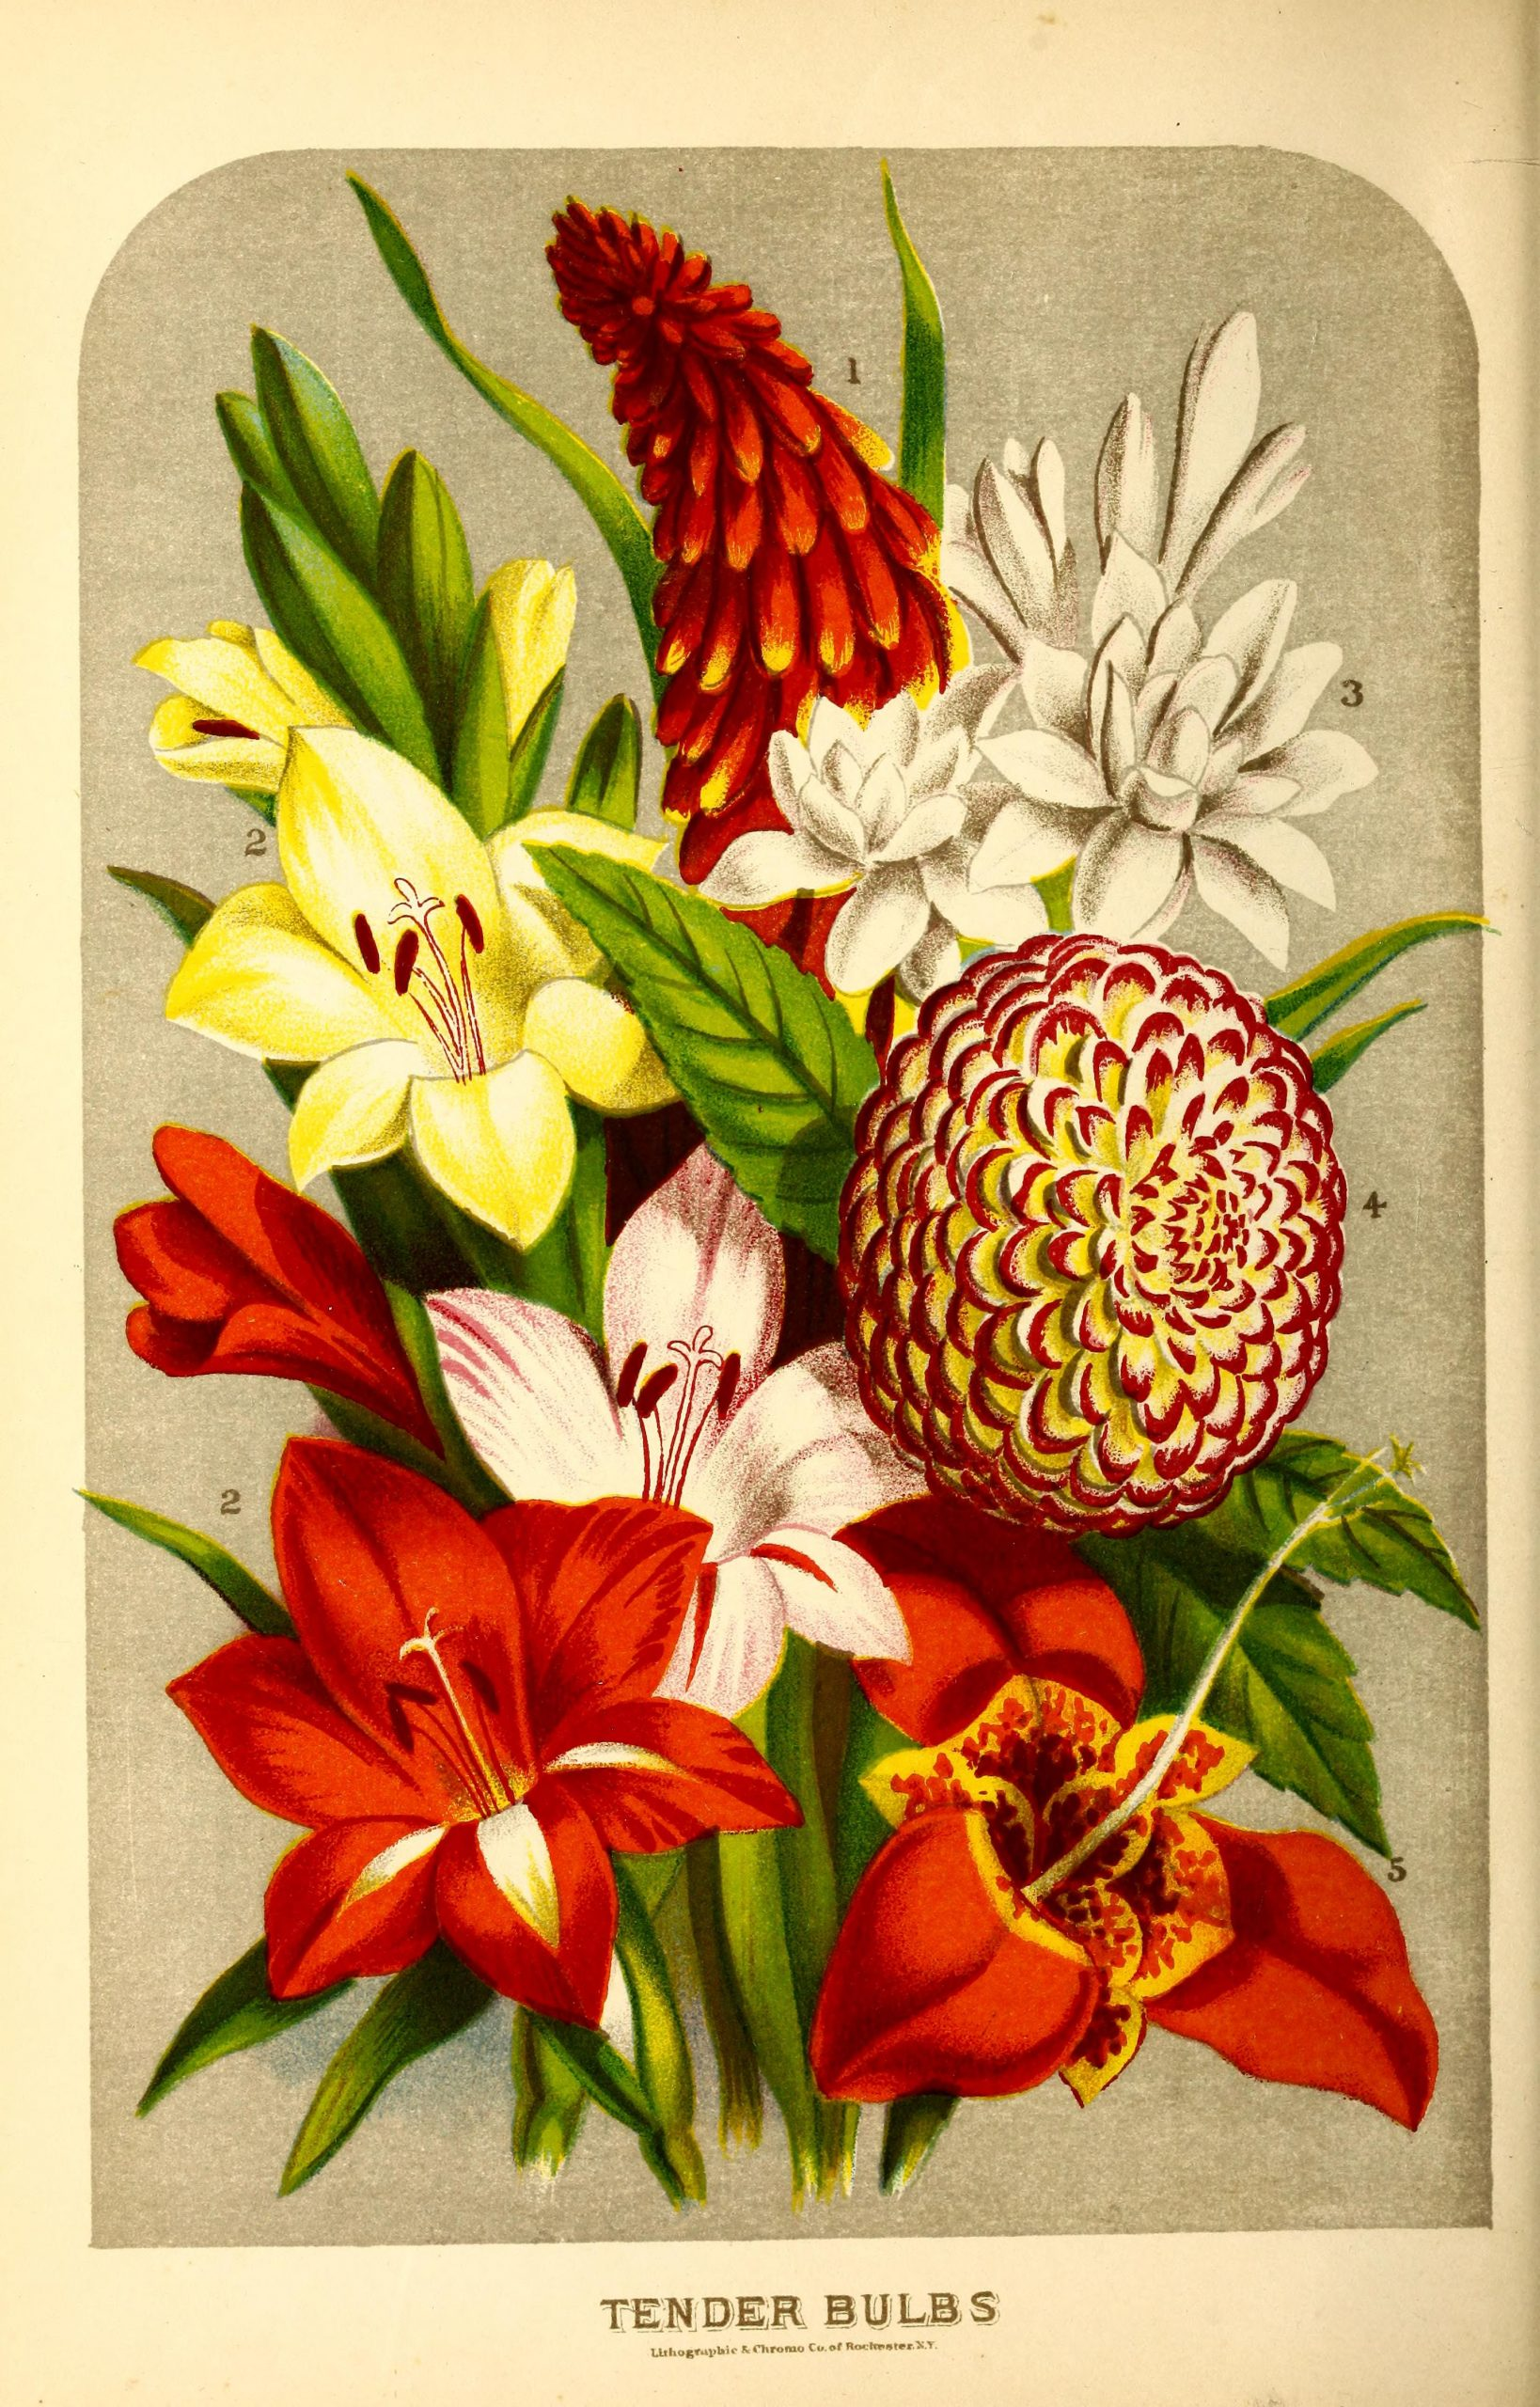 Flowers including Tender Bulbs: Tritoma uvaria, Gladioli, Tuberose, Dahlia, and Tigridia